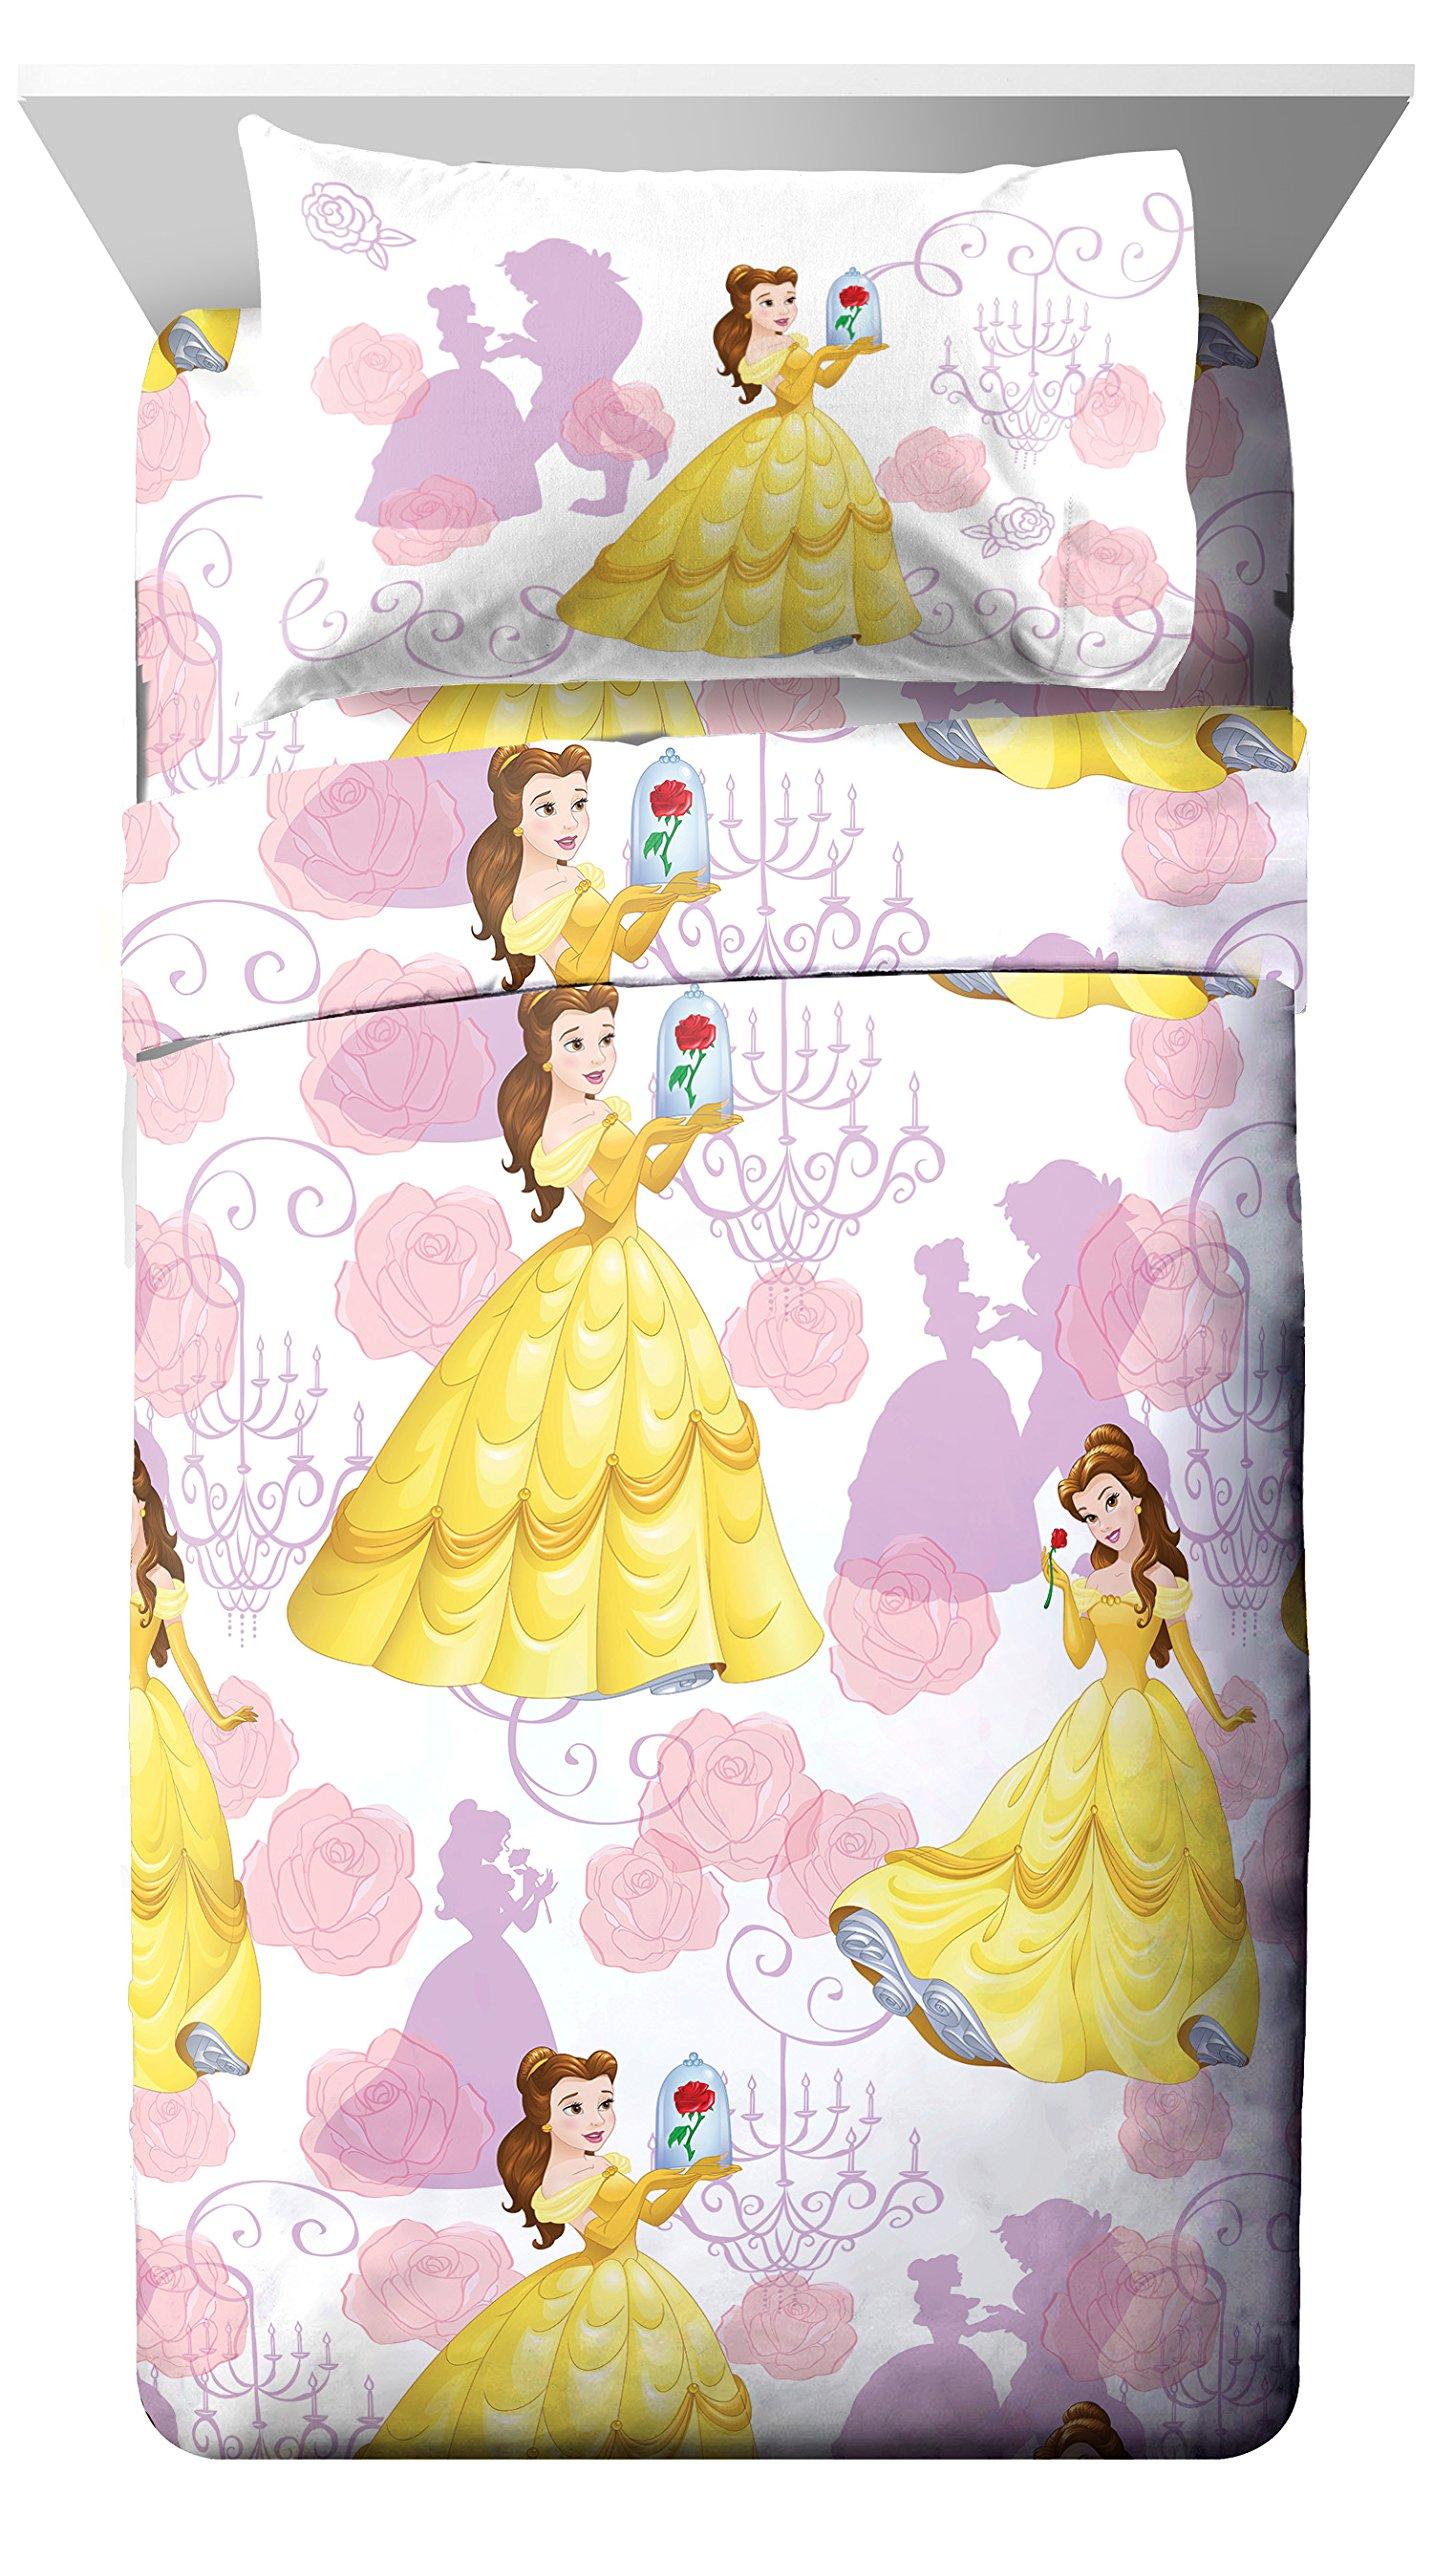 Disney Beauty & The Beast True Beauty 3 Piece Twin Sheet Set, 3